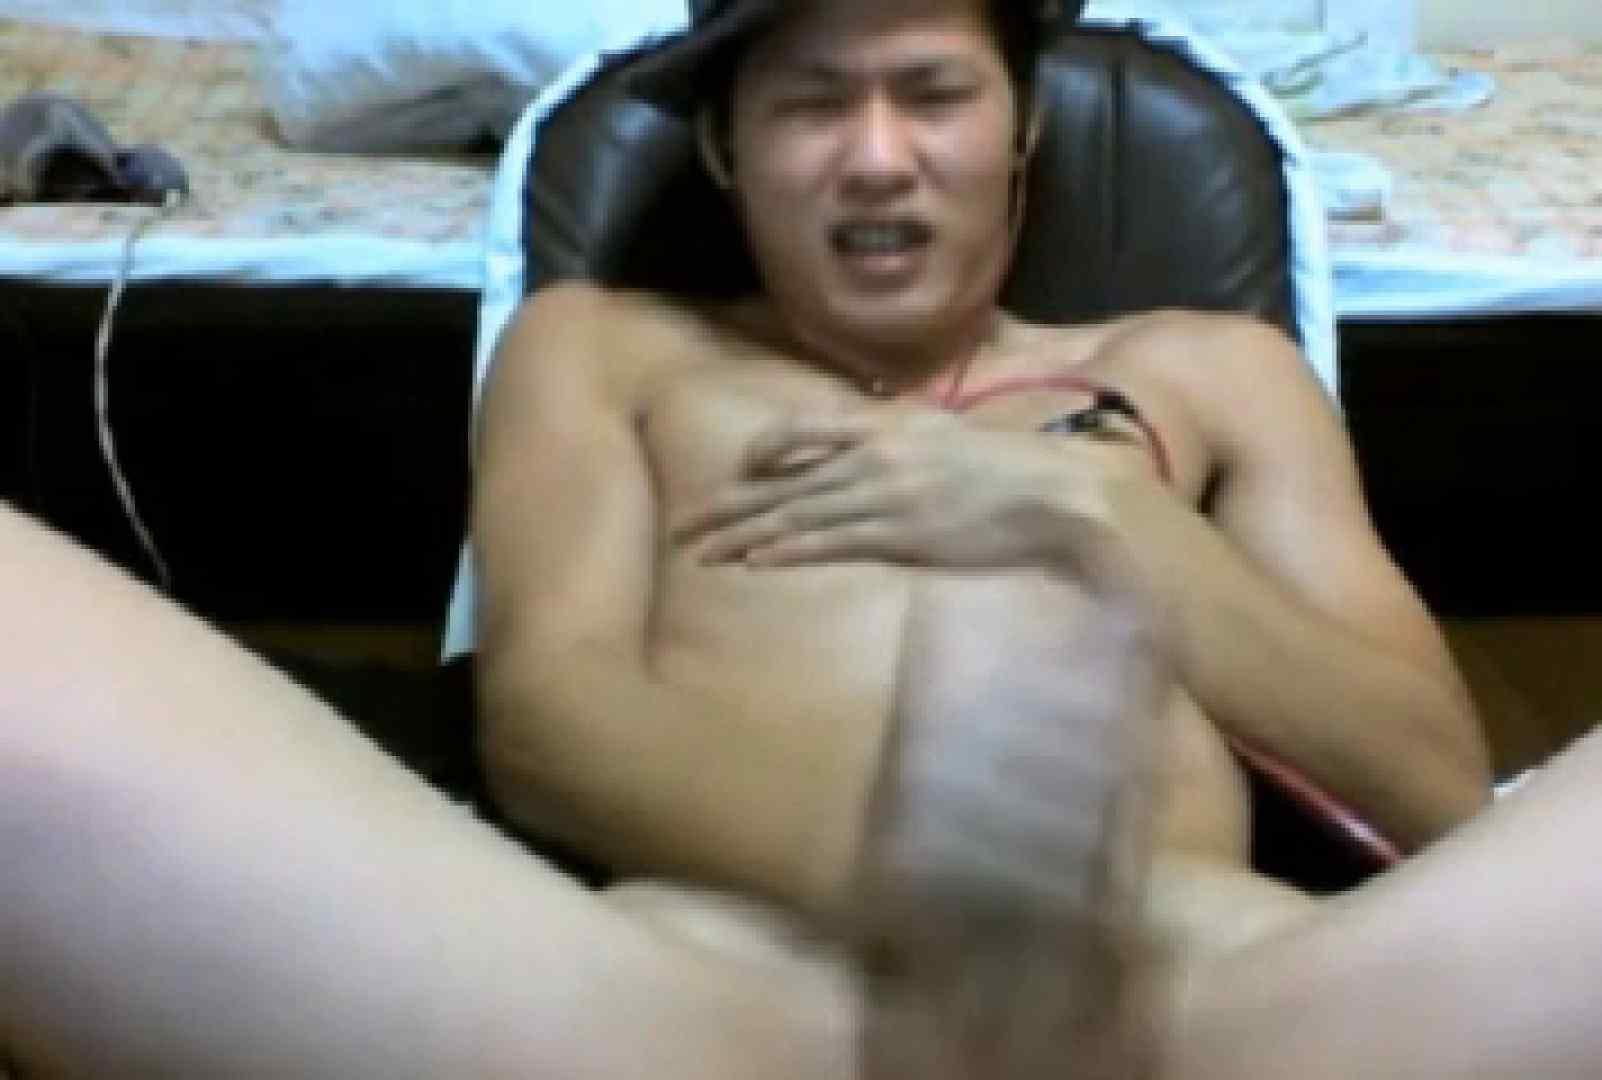 【流出】マグニチュード 072!! vol2 スポーツマン | ゲイのオナニー映像  83枚 69